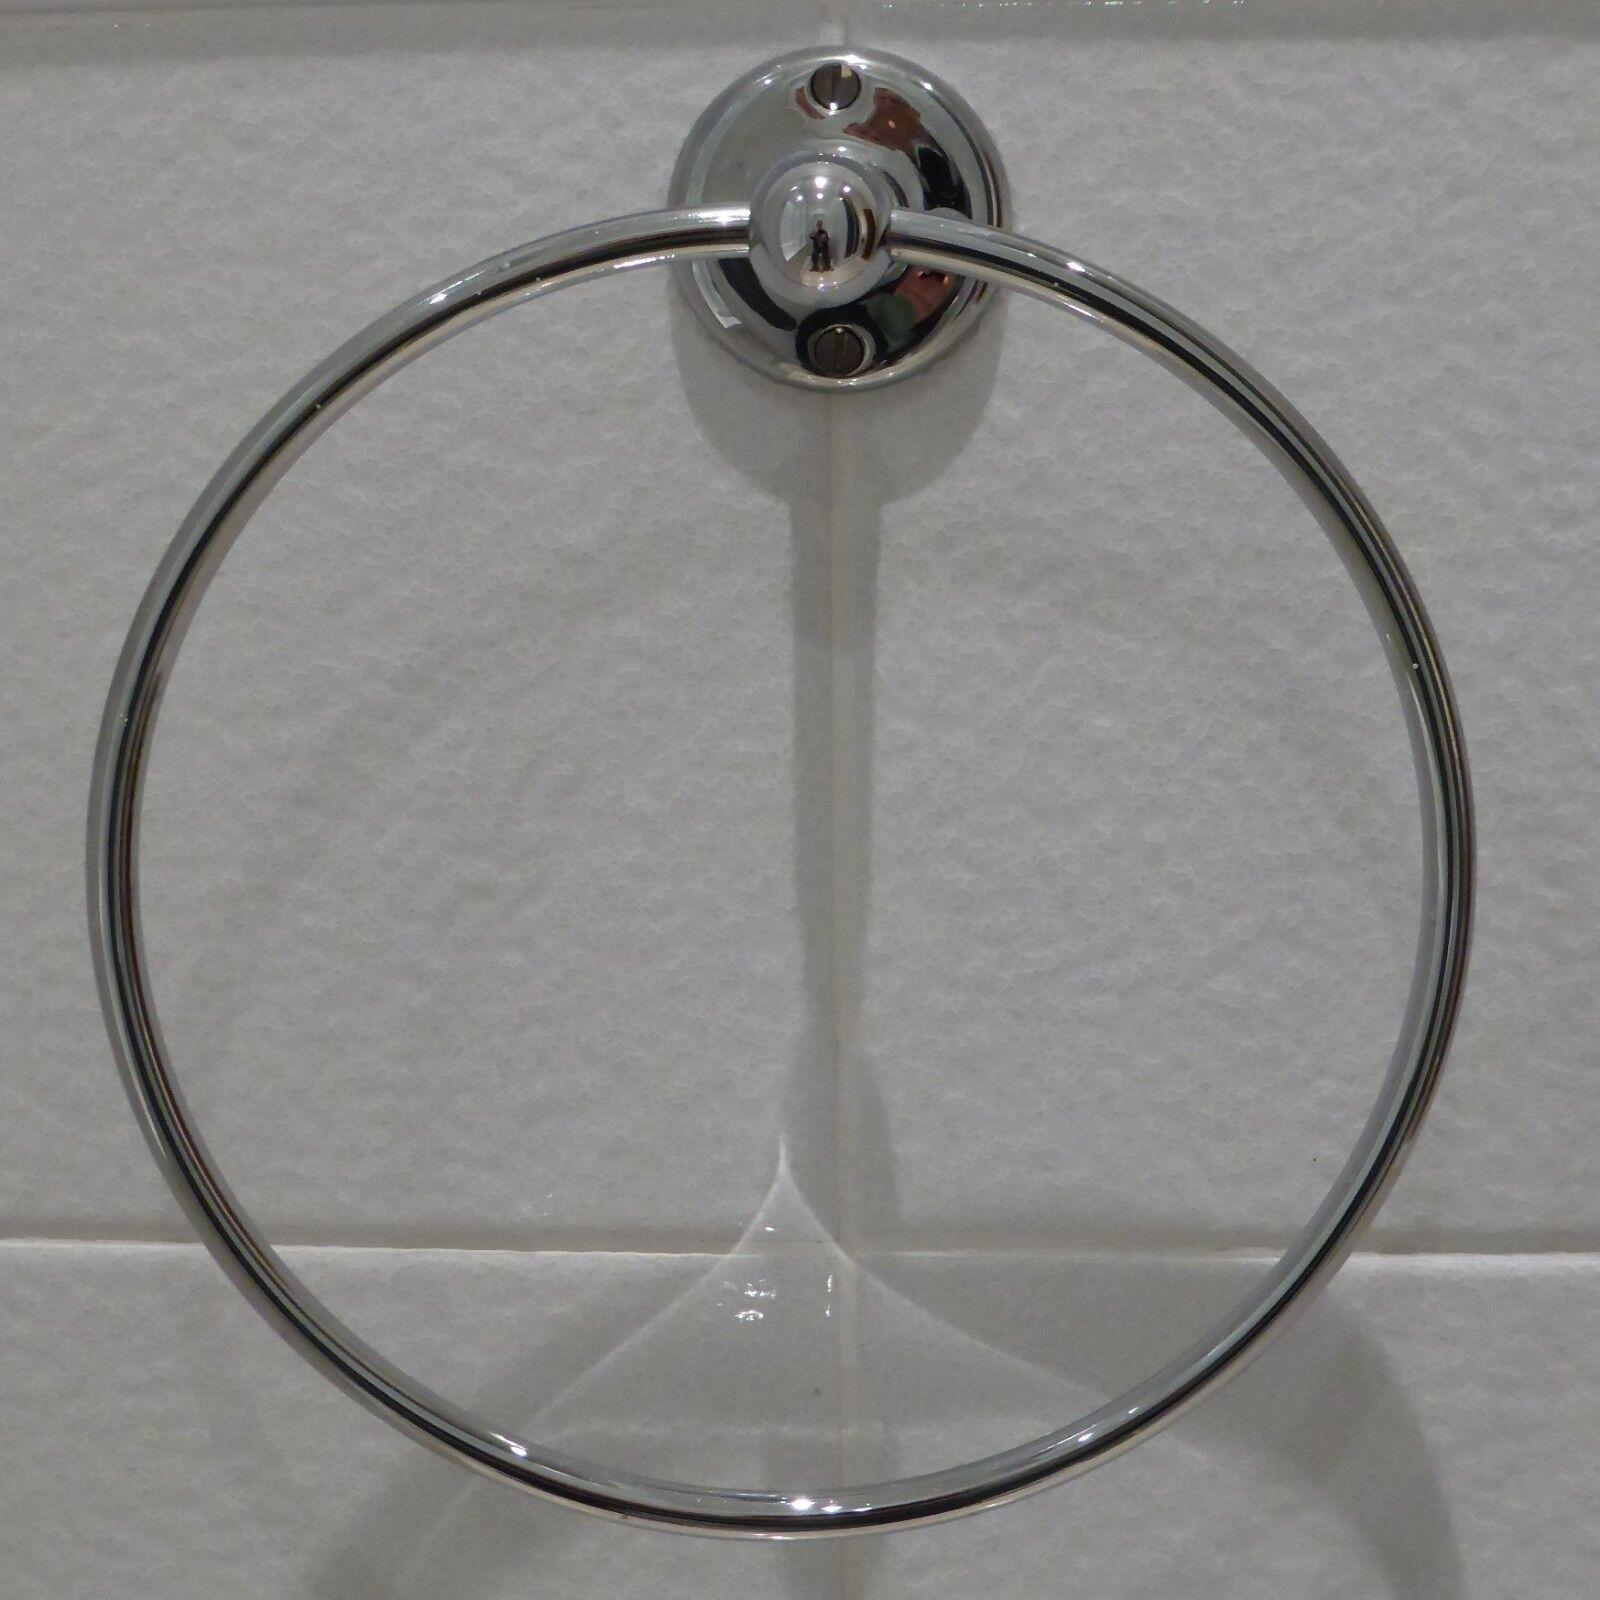 Samuel Heath 8 in (environ 20.32 cm) Serviette Ring